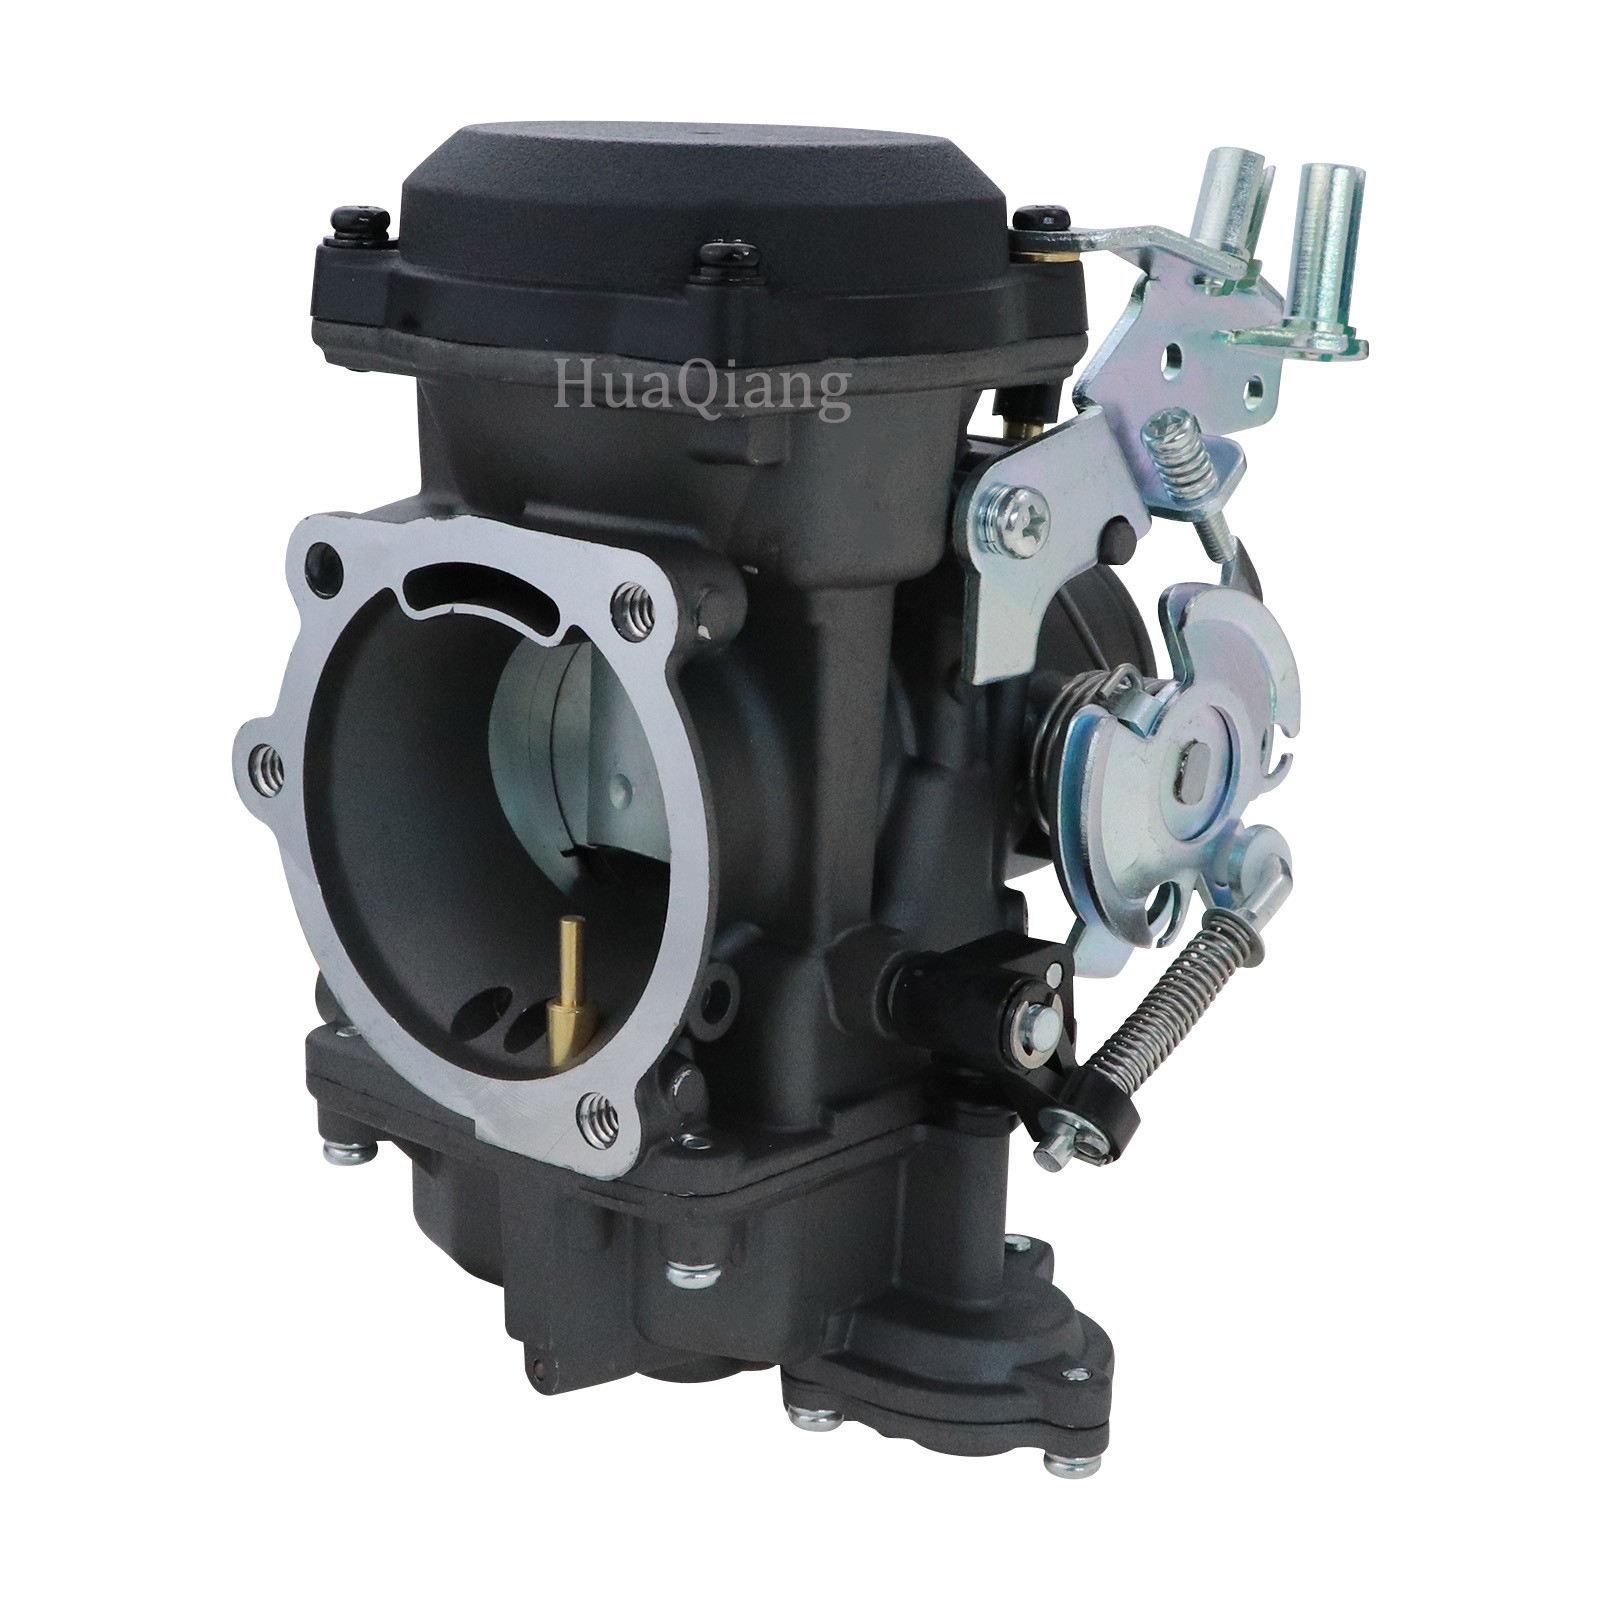 Negro 40mm <span class=keywords><strong>CV</strong></span> CV40 carburador Asamblea w/o accesorios 88-17 gira Softail FXD FXR